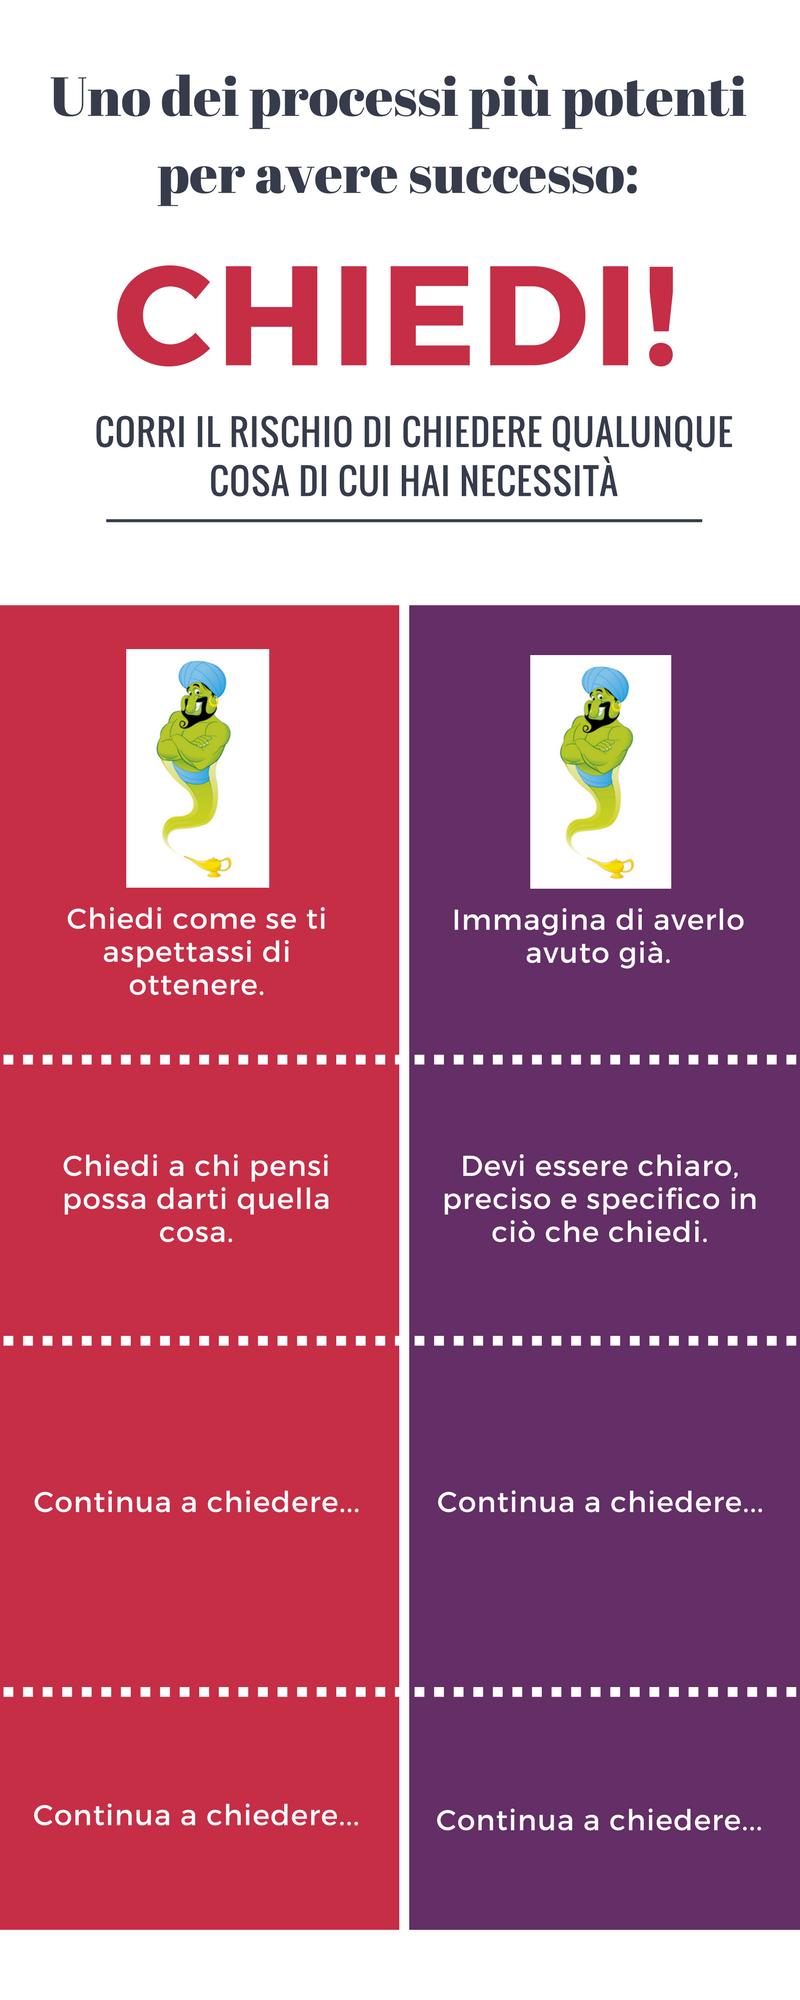 infografica-chiedere